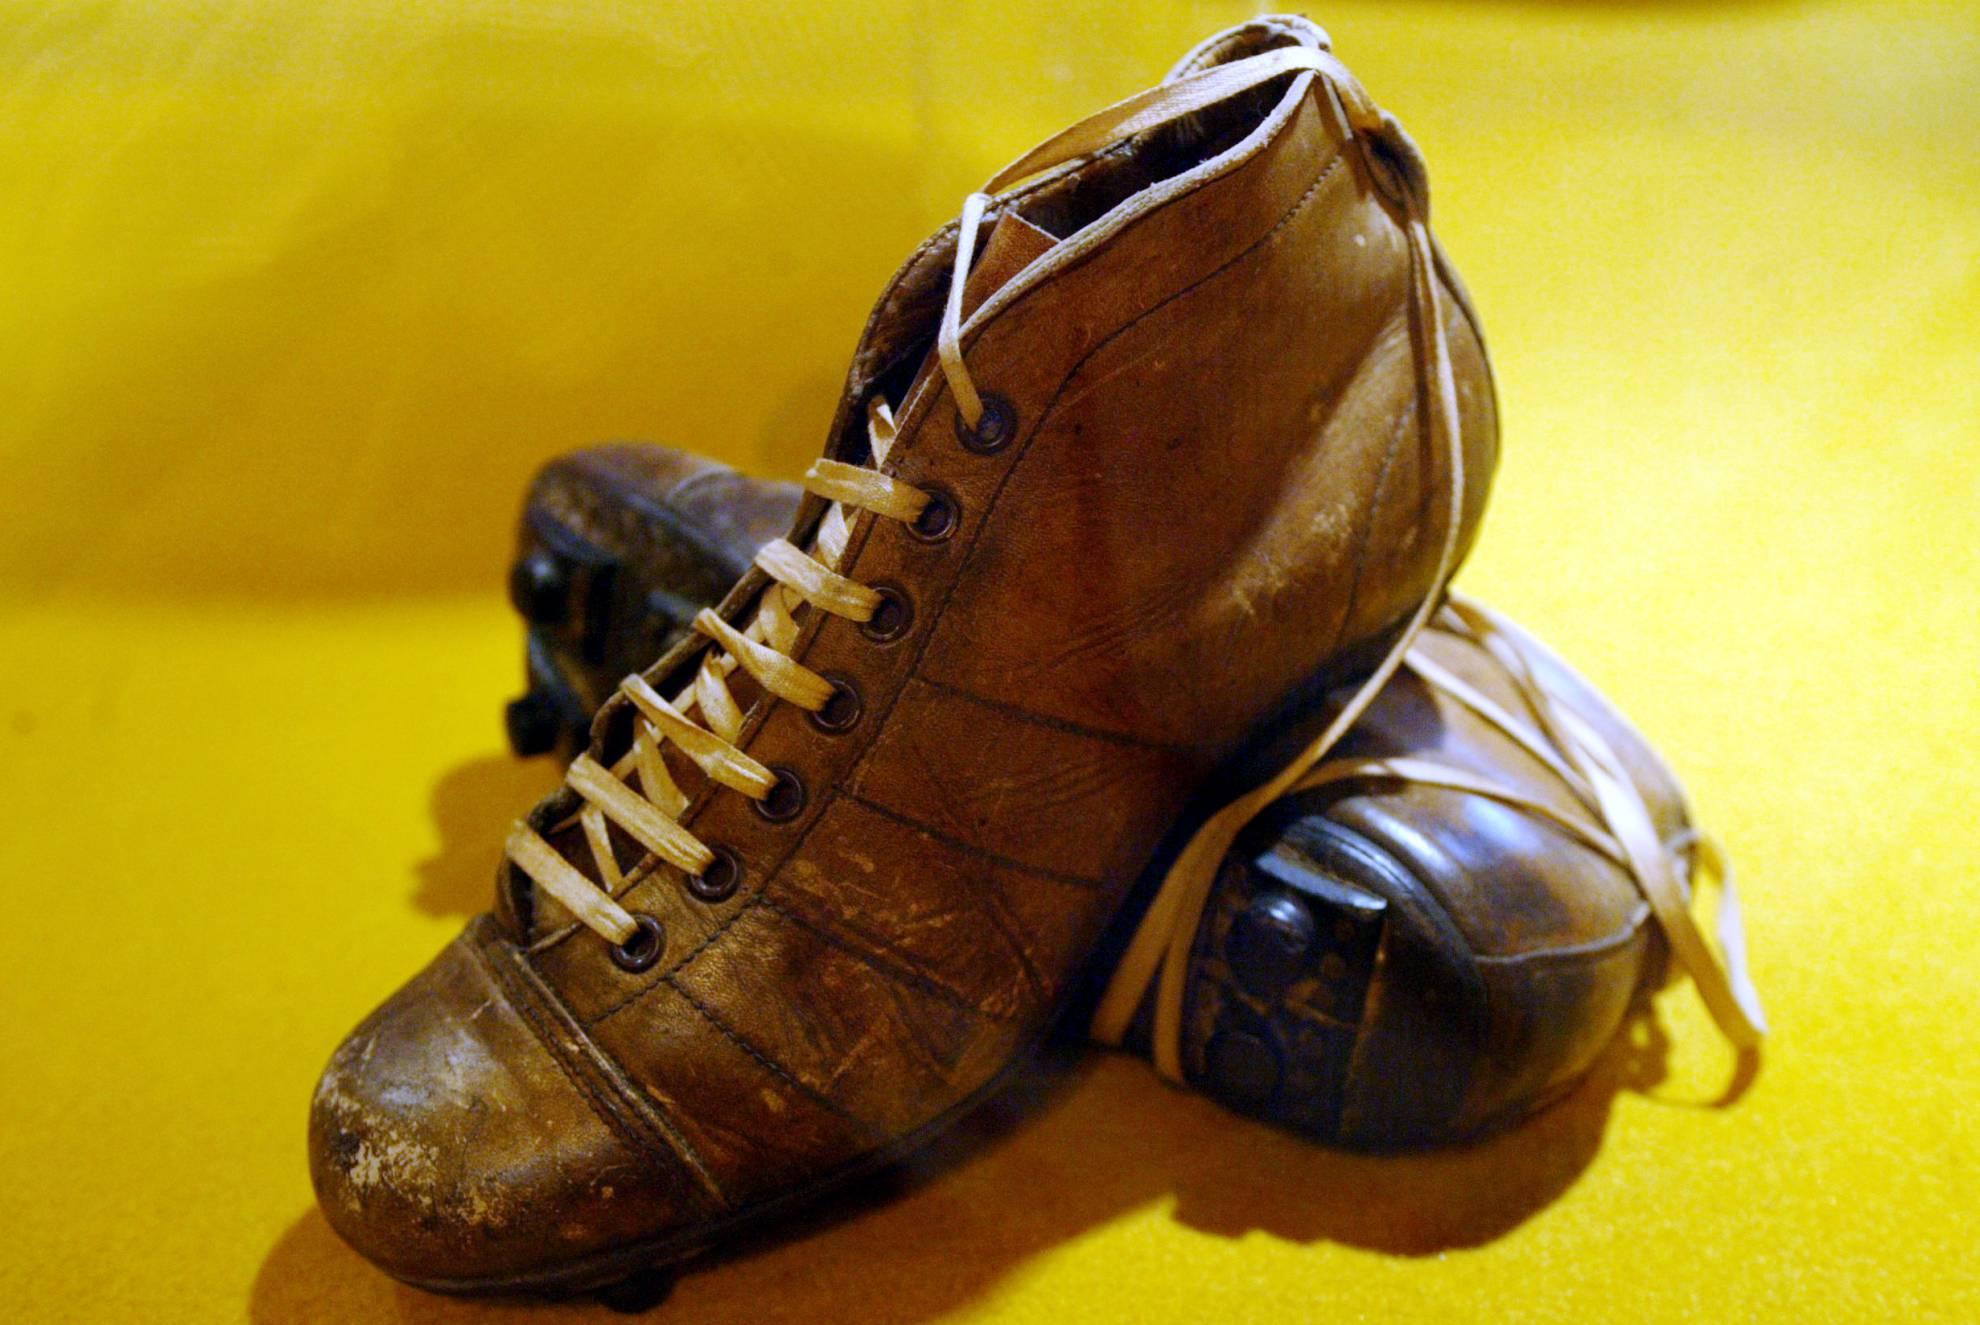 separation shoes 55ee0 800ac De las antiguas botas pesadas a las nuevas e inteligentes